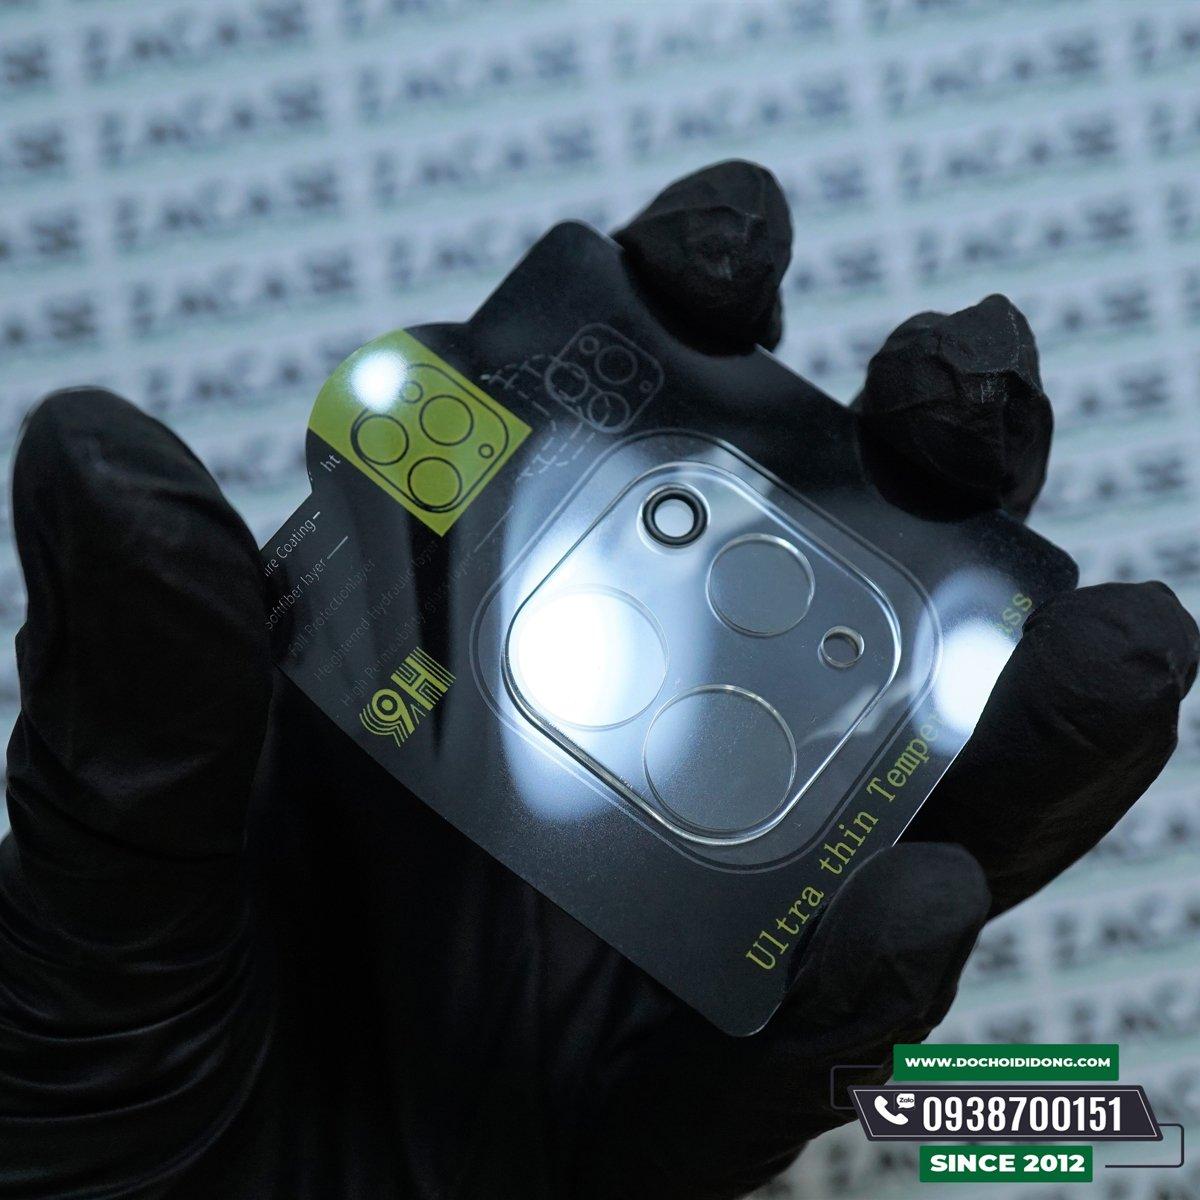 mieng-dan-cuong-luc-camera-ipad-pro-2020-2-5d